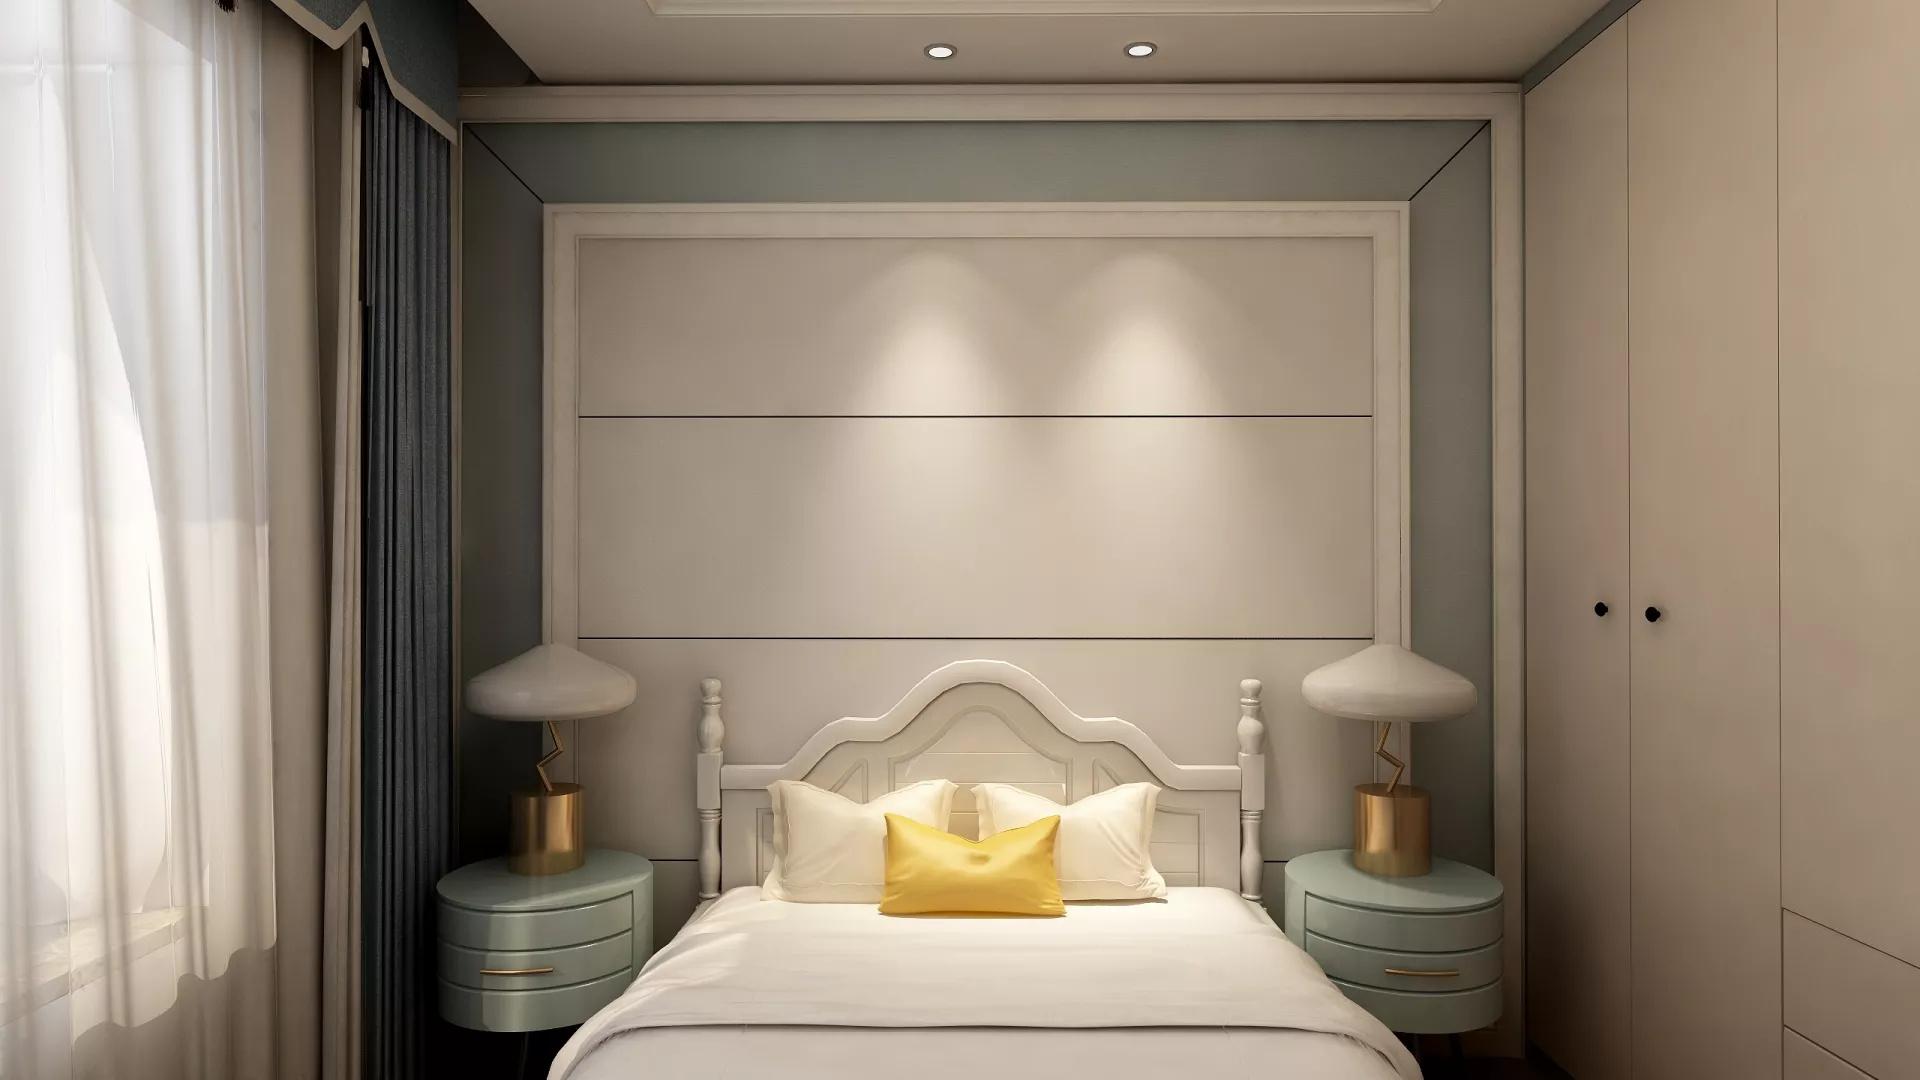 卧室,简约风格,灯具,床,简洁,舒适